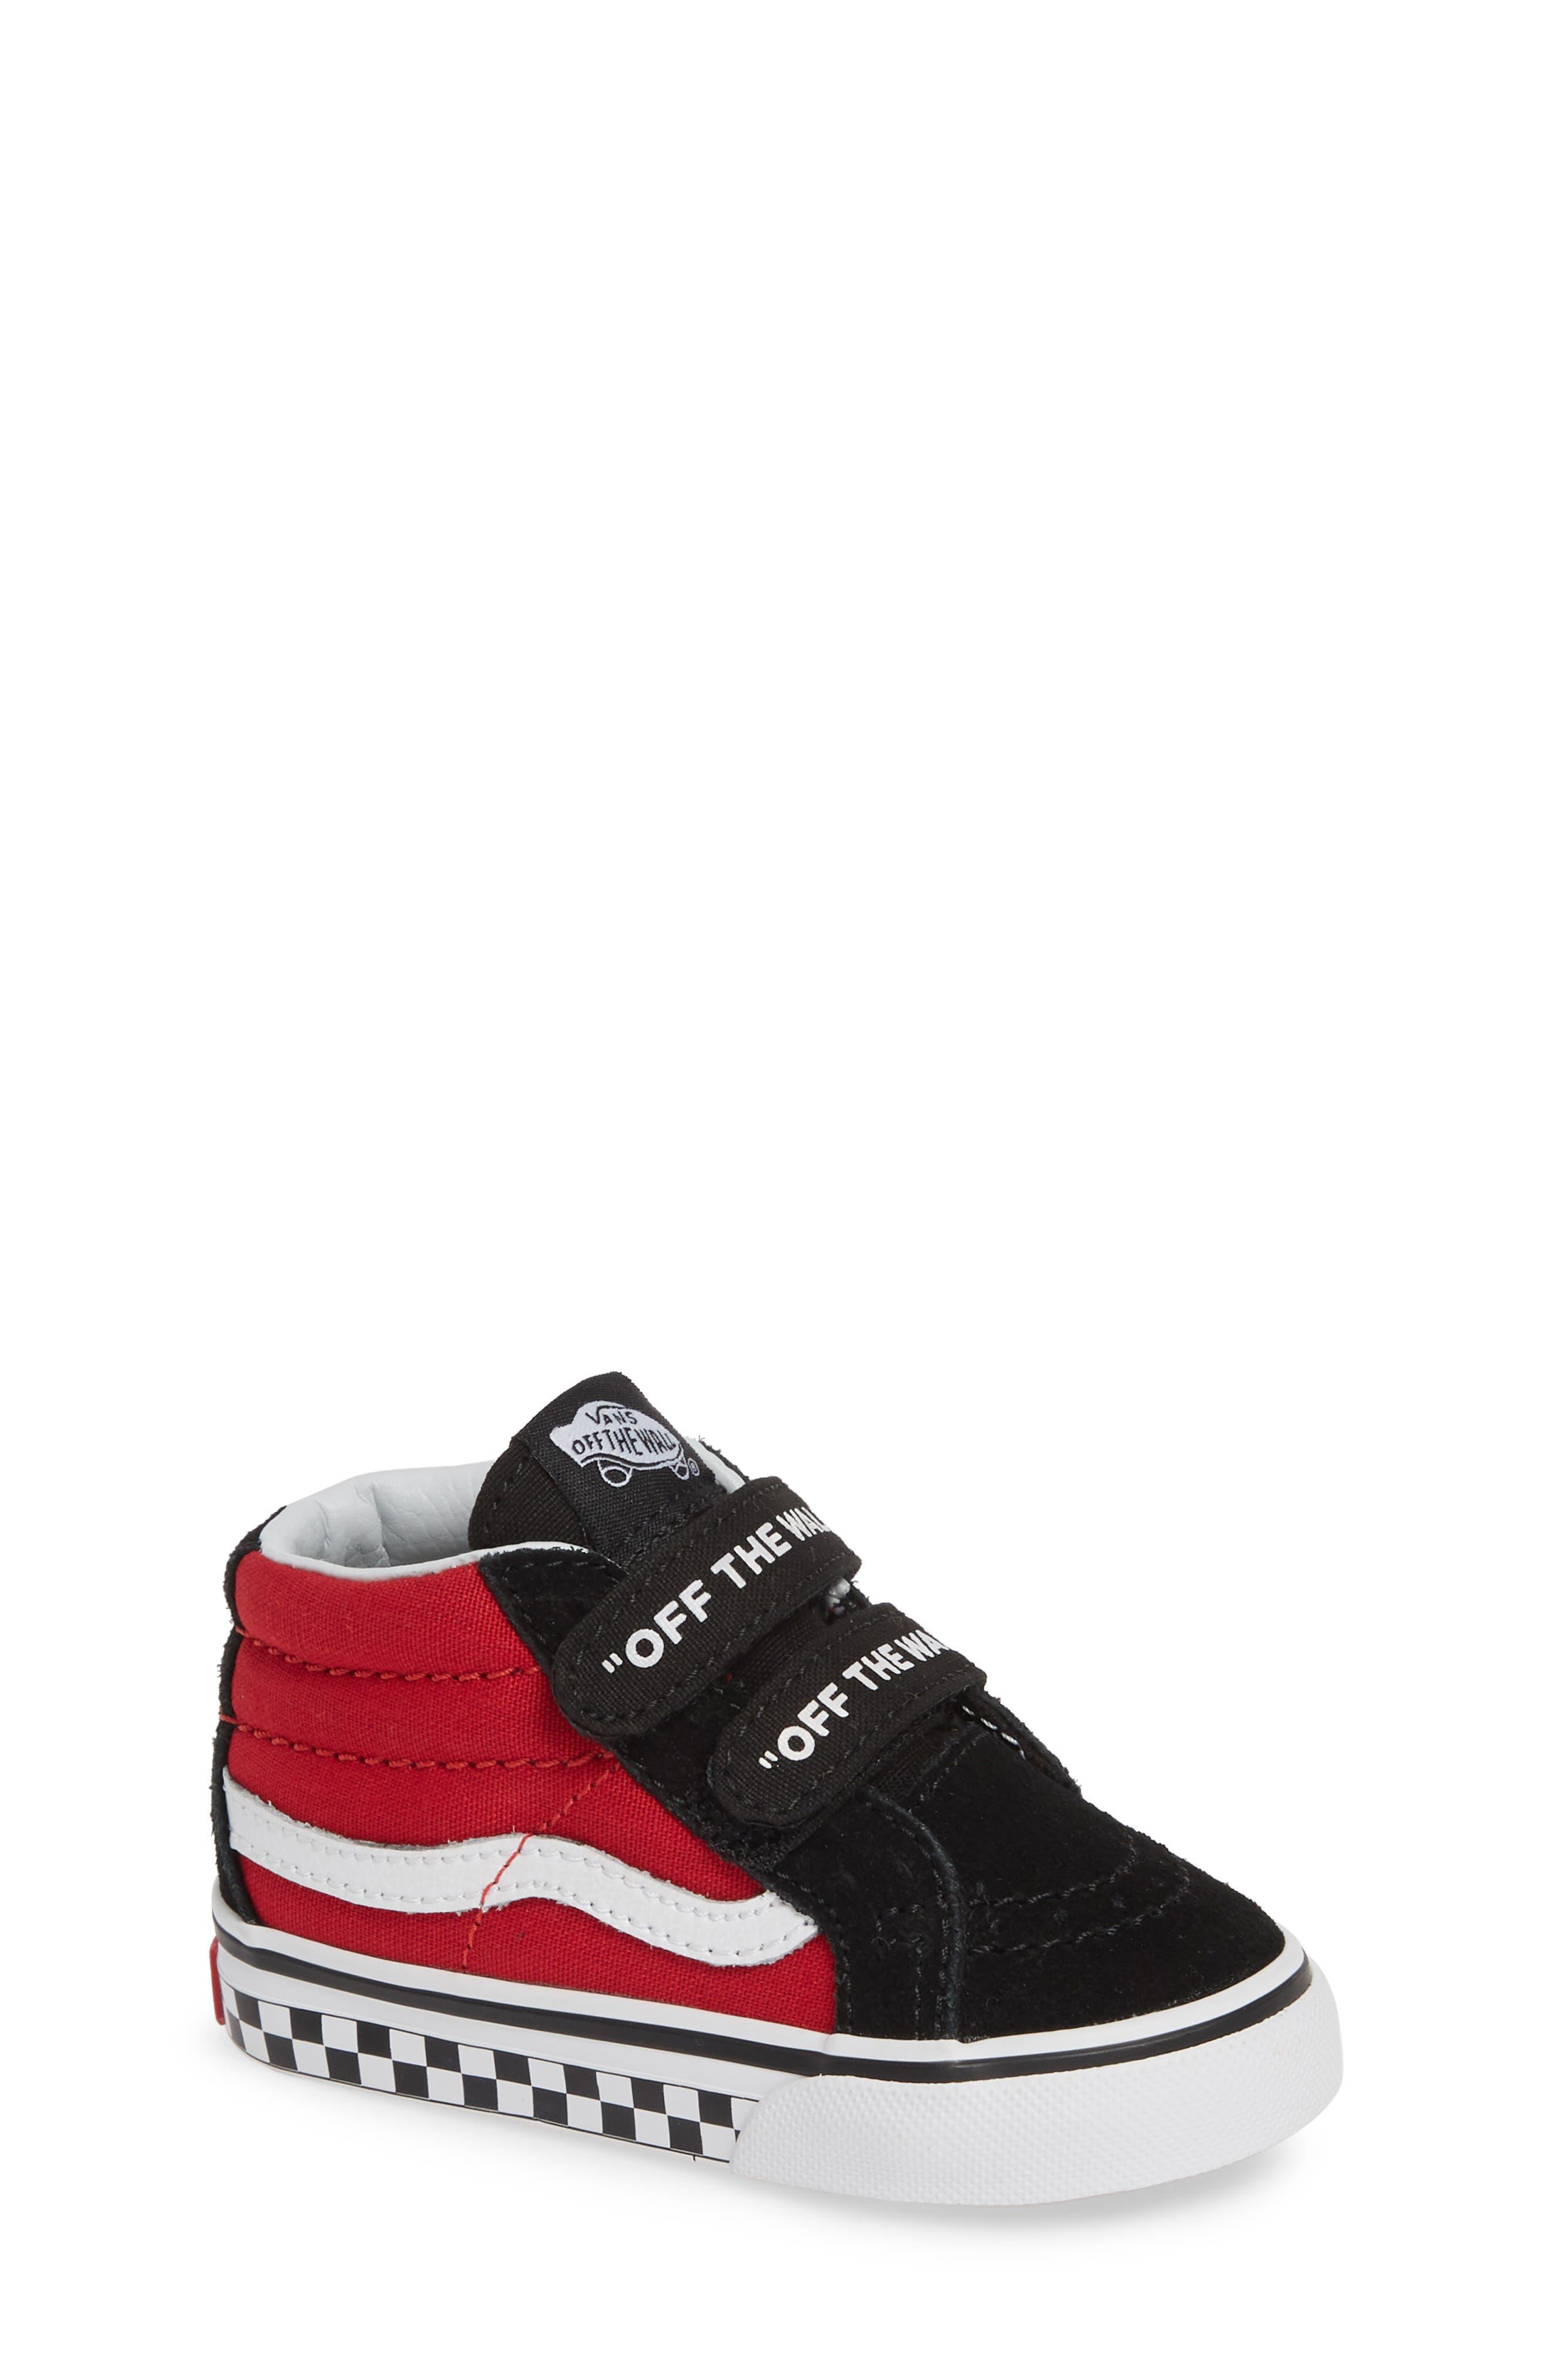 VANS, 'Sk8-Mid Reissue' Sneaker, Main thumbnail 1, color, BLACK/ RED / WHITE